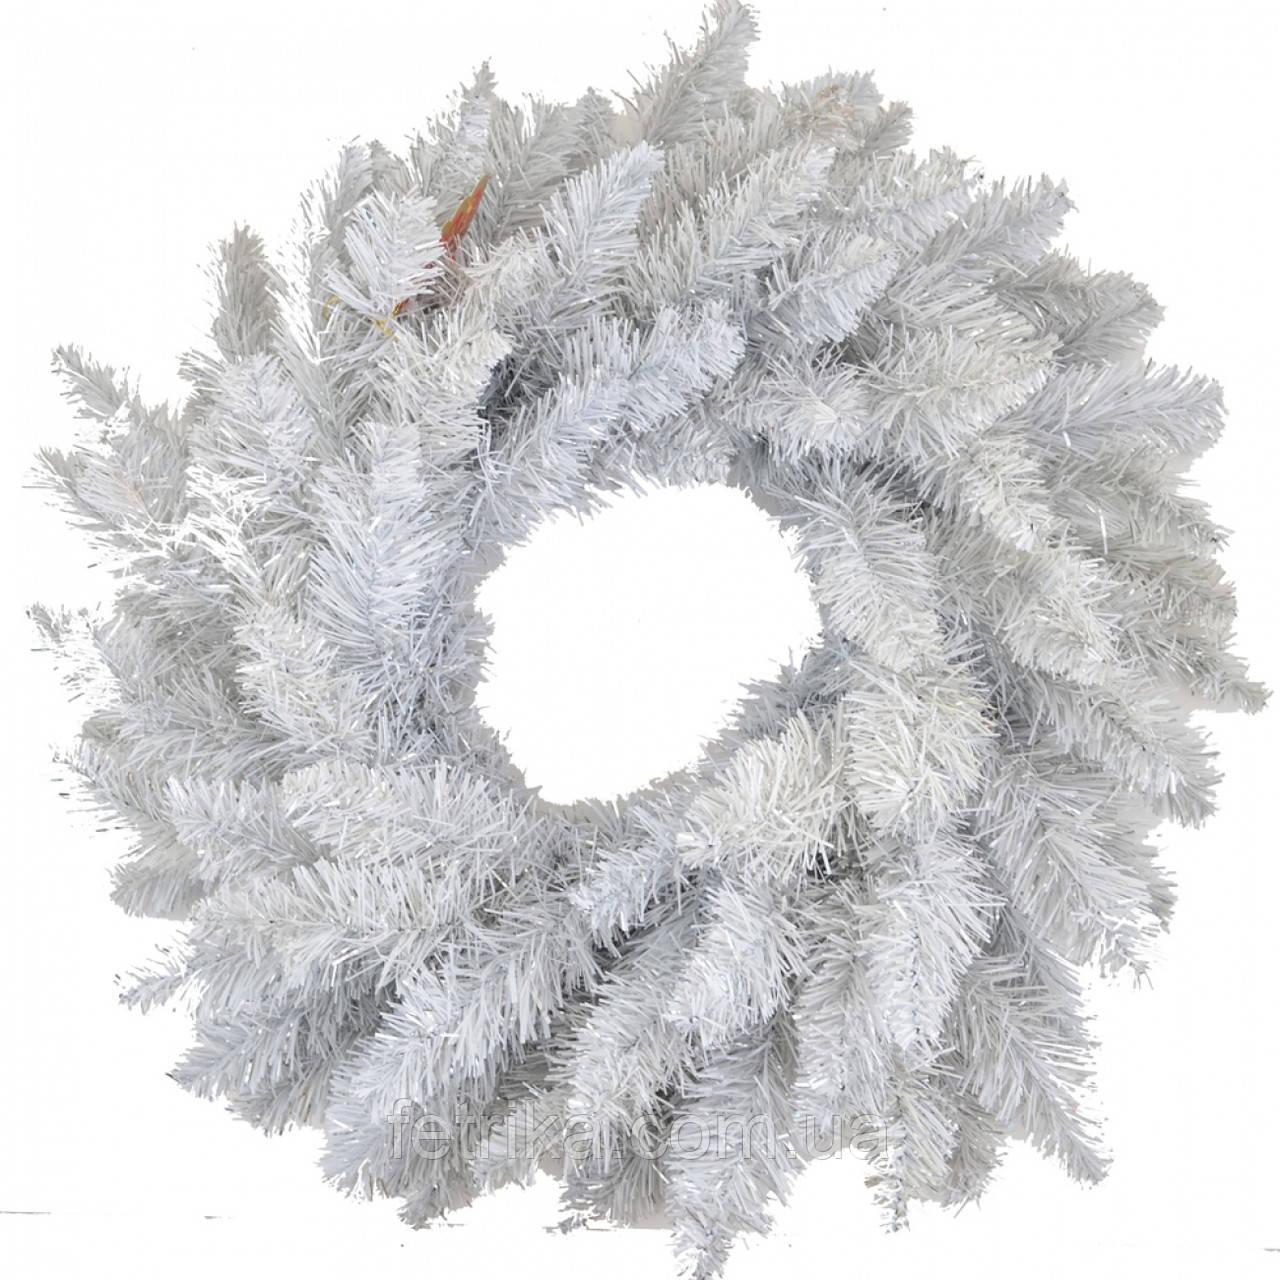 """Новогодний искусственный белый венок """"Альпийский"""", Ø 70 см"""